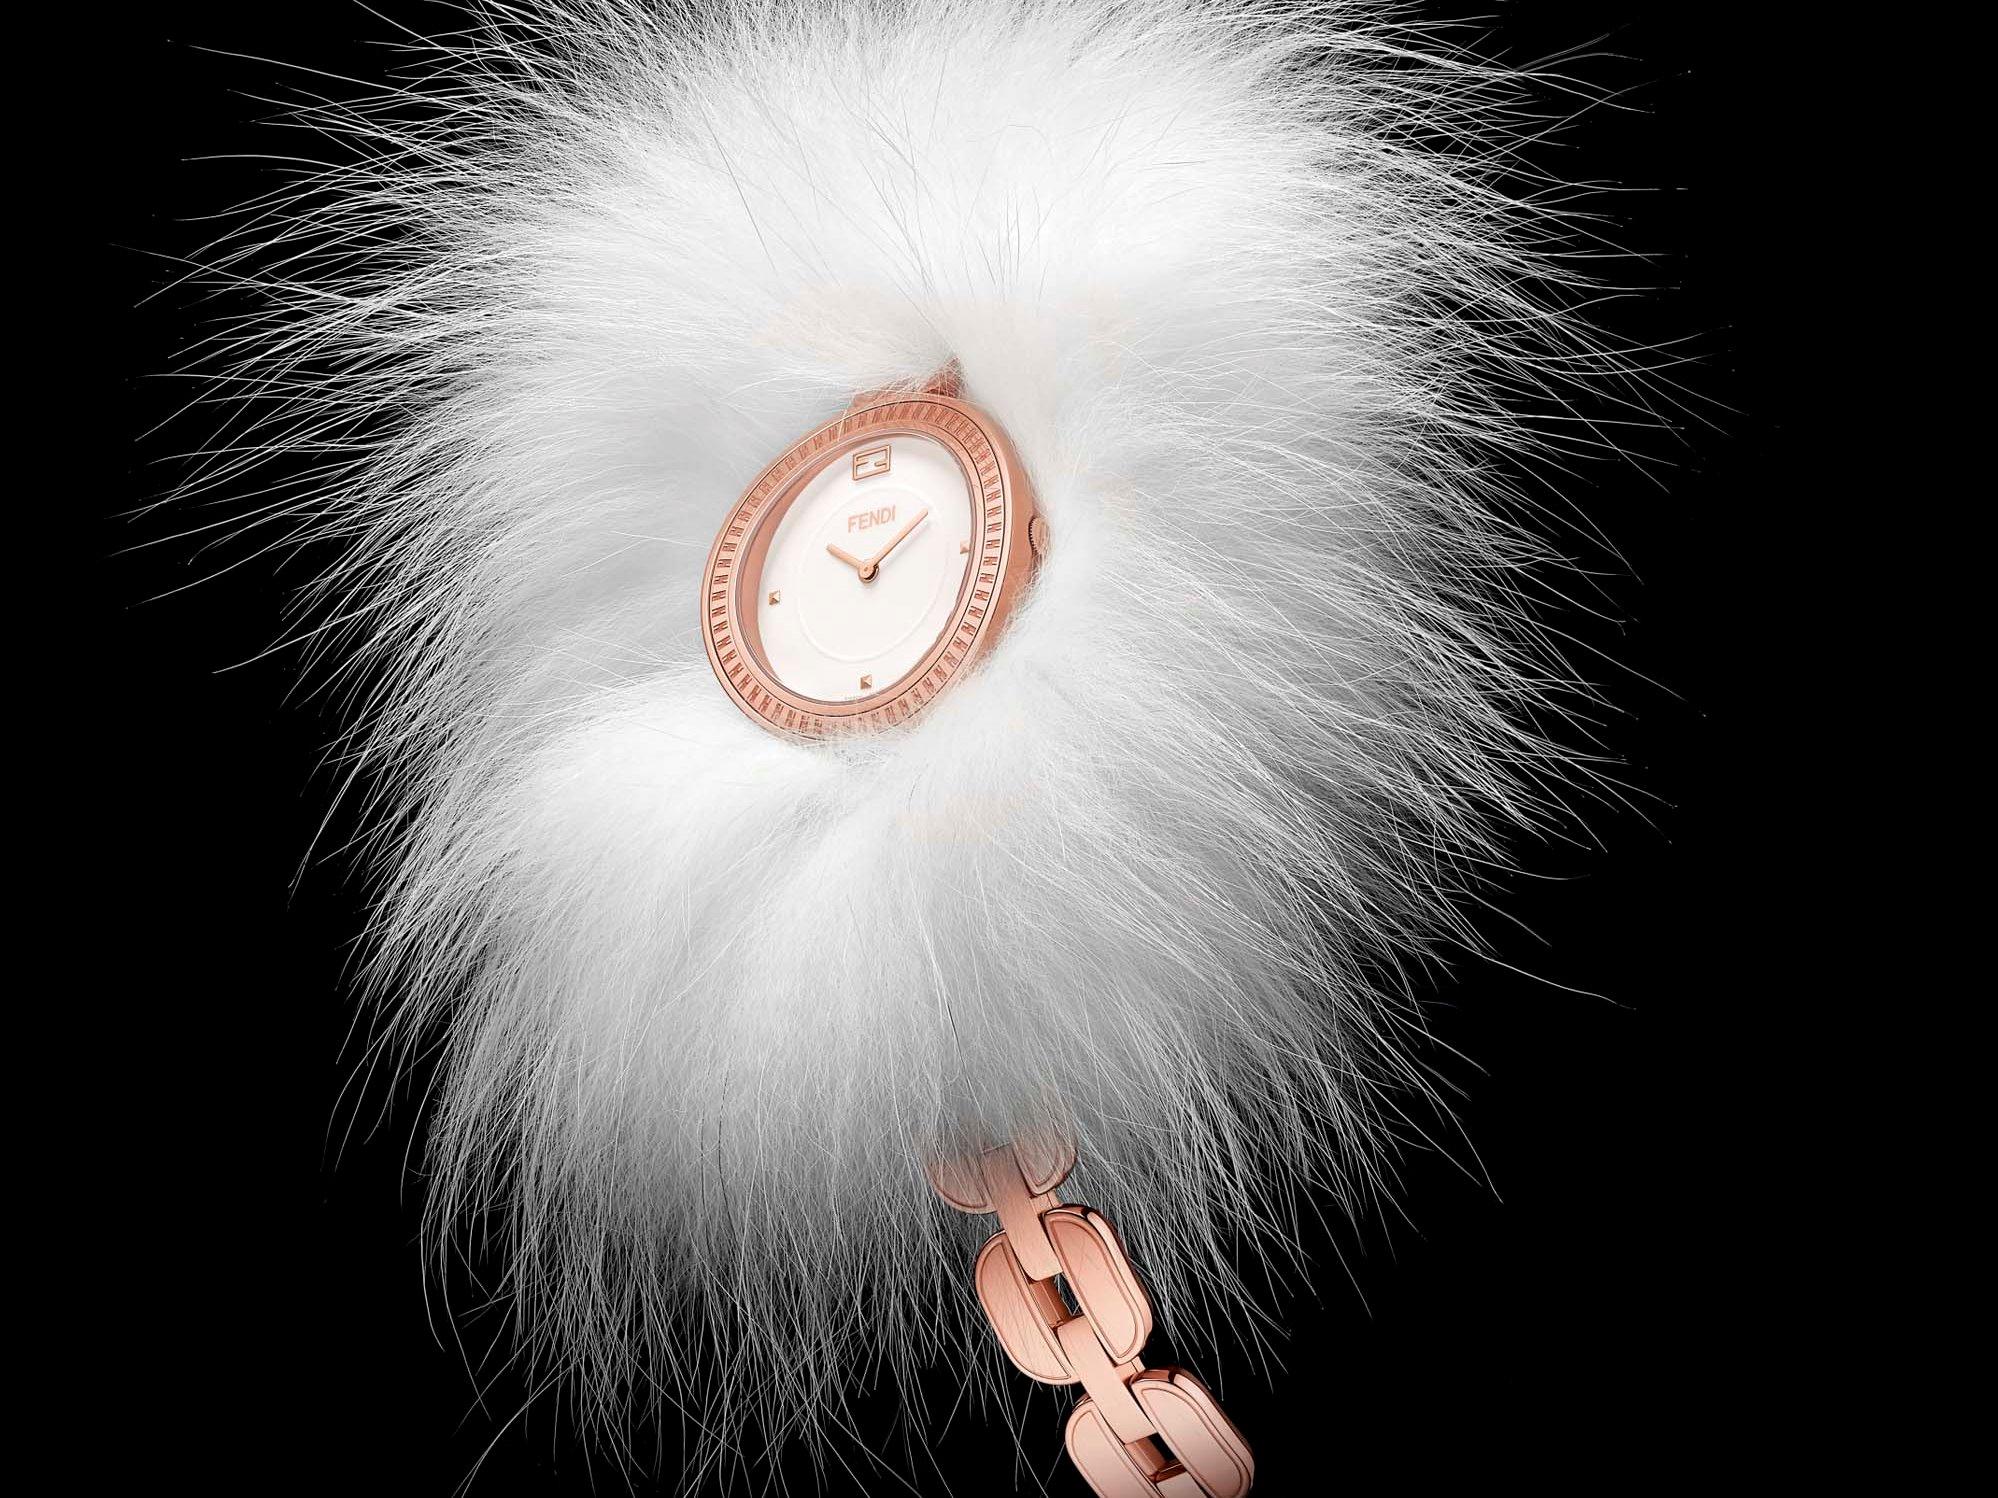 Đồng hồ chính hãng luxurygold.vn